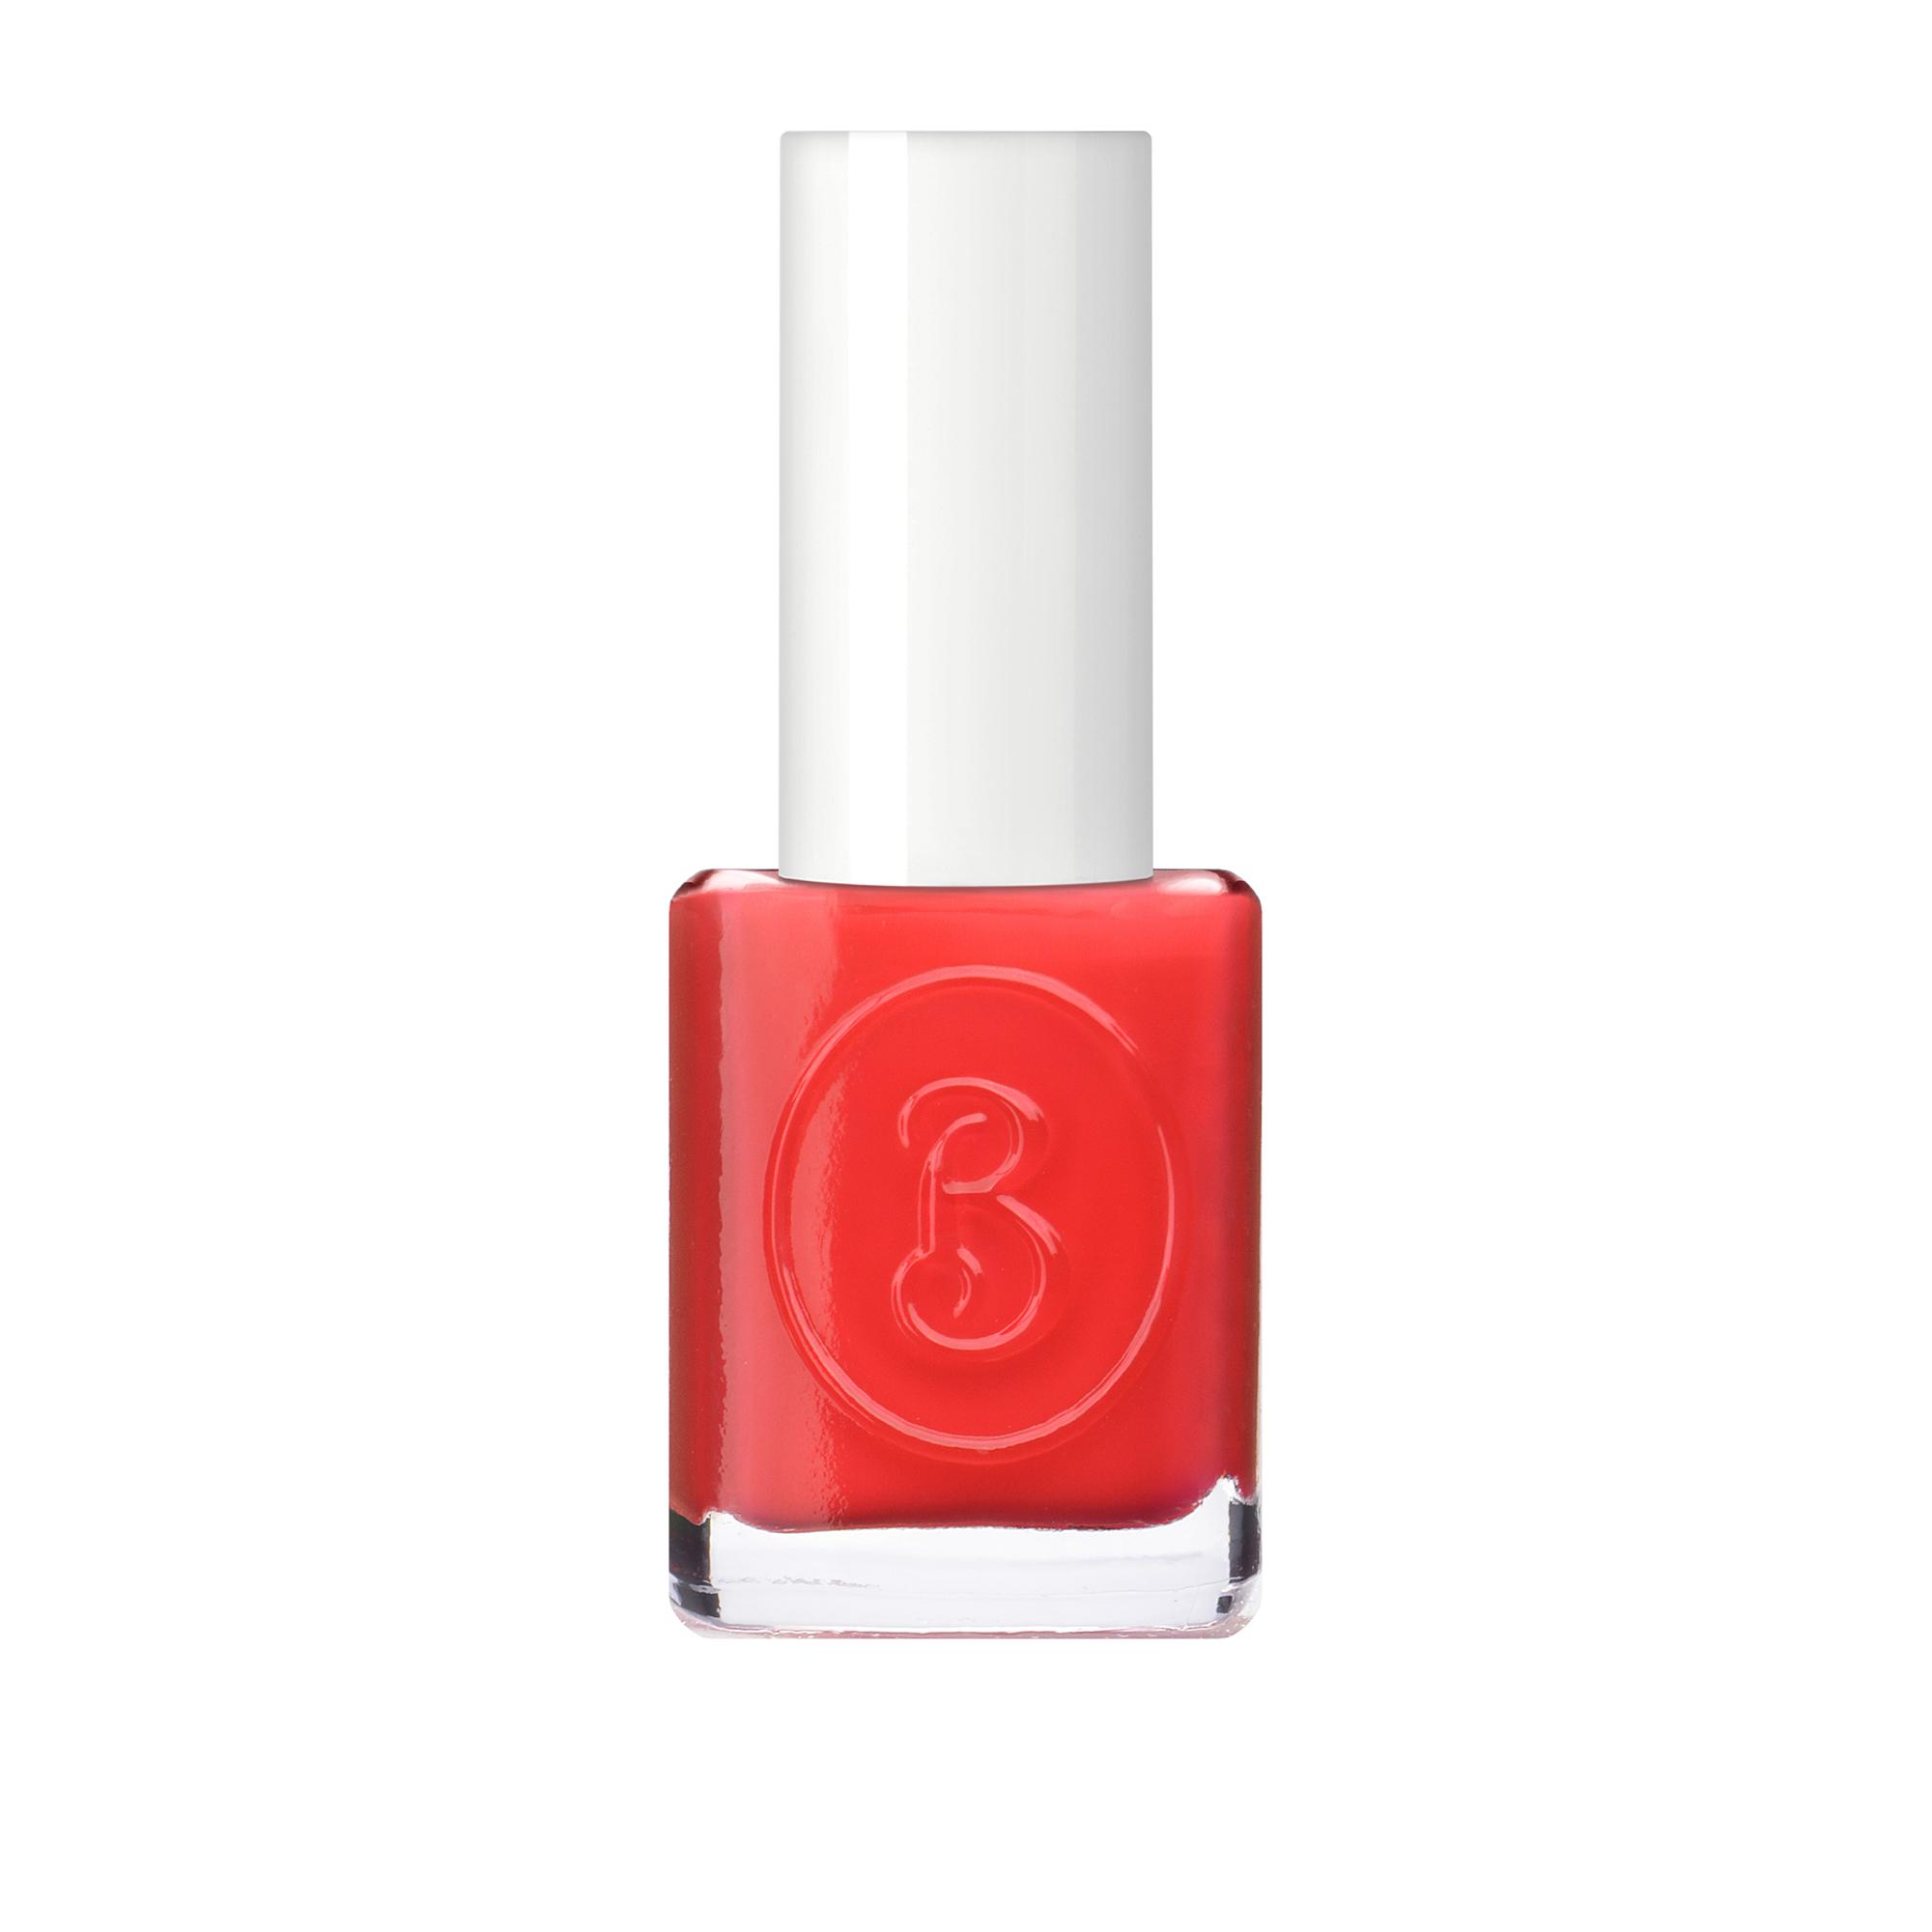 BERENICE Лак для ногтей оранжево-красный тон 13 orange red / BERENICE 16 млЛаки<br>Революционное открытие в области красоты ногтей на основе высоких швейцарских технологий    дышащий  лак для ногтей марки BERENICE. Он не оставит равнодушными ни мастеров маникюра, ни их клиентов. Этот лак содержит кислородный комплекс, который обеспечивает основное свойство лака   проницаемость воздуха и паров влаги в ноготь. Двойной пластификатор, содержащийся в составе, делает покрытие более гибким, продлевает стойкость маникюра, защищая от сколов и повреждений. Лак равномерно наносится и быстро сохнет. Профессиональная плоская кисточка обеспечивает идеальное прилегание к поверхности ногтя и нанесение лака.&amp;nbsp; Кислородный лак BERENICE   это здоровая альтернатива, традиционным лакам, блокирующим прохождение кислорода и влаги в ноготь. Система 5 free, в составе отсутствуют вредные компоненты такие как толуол, ДБП, формальдегидные смолы, фталаты и камфора.&amp;nbsp; Активные ингредиенты: смолы нового поколения, UV-фильтры<br>